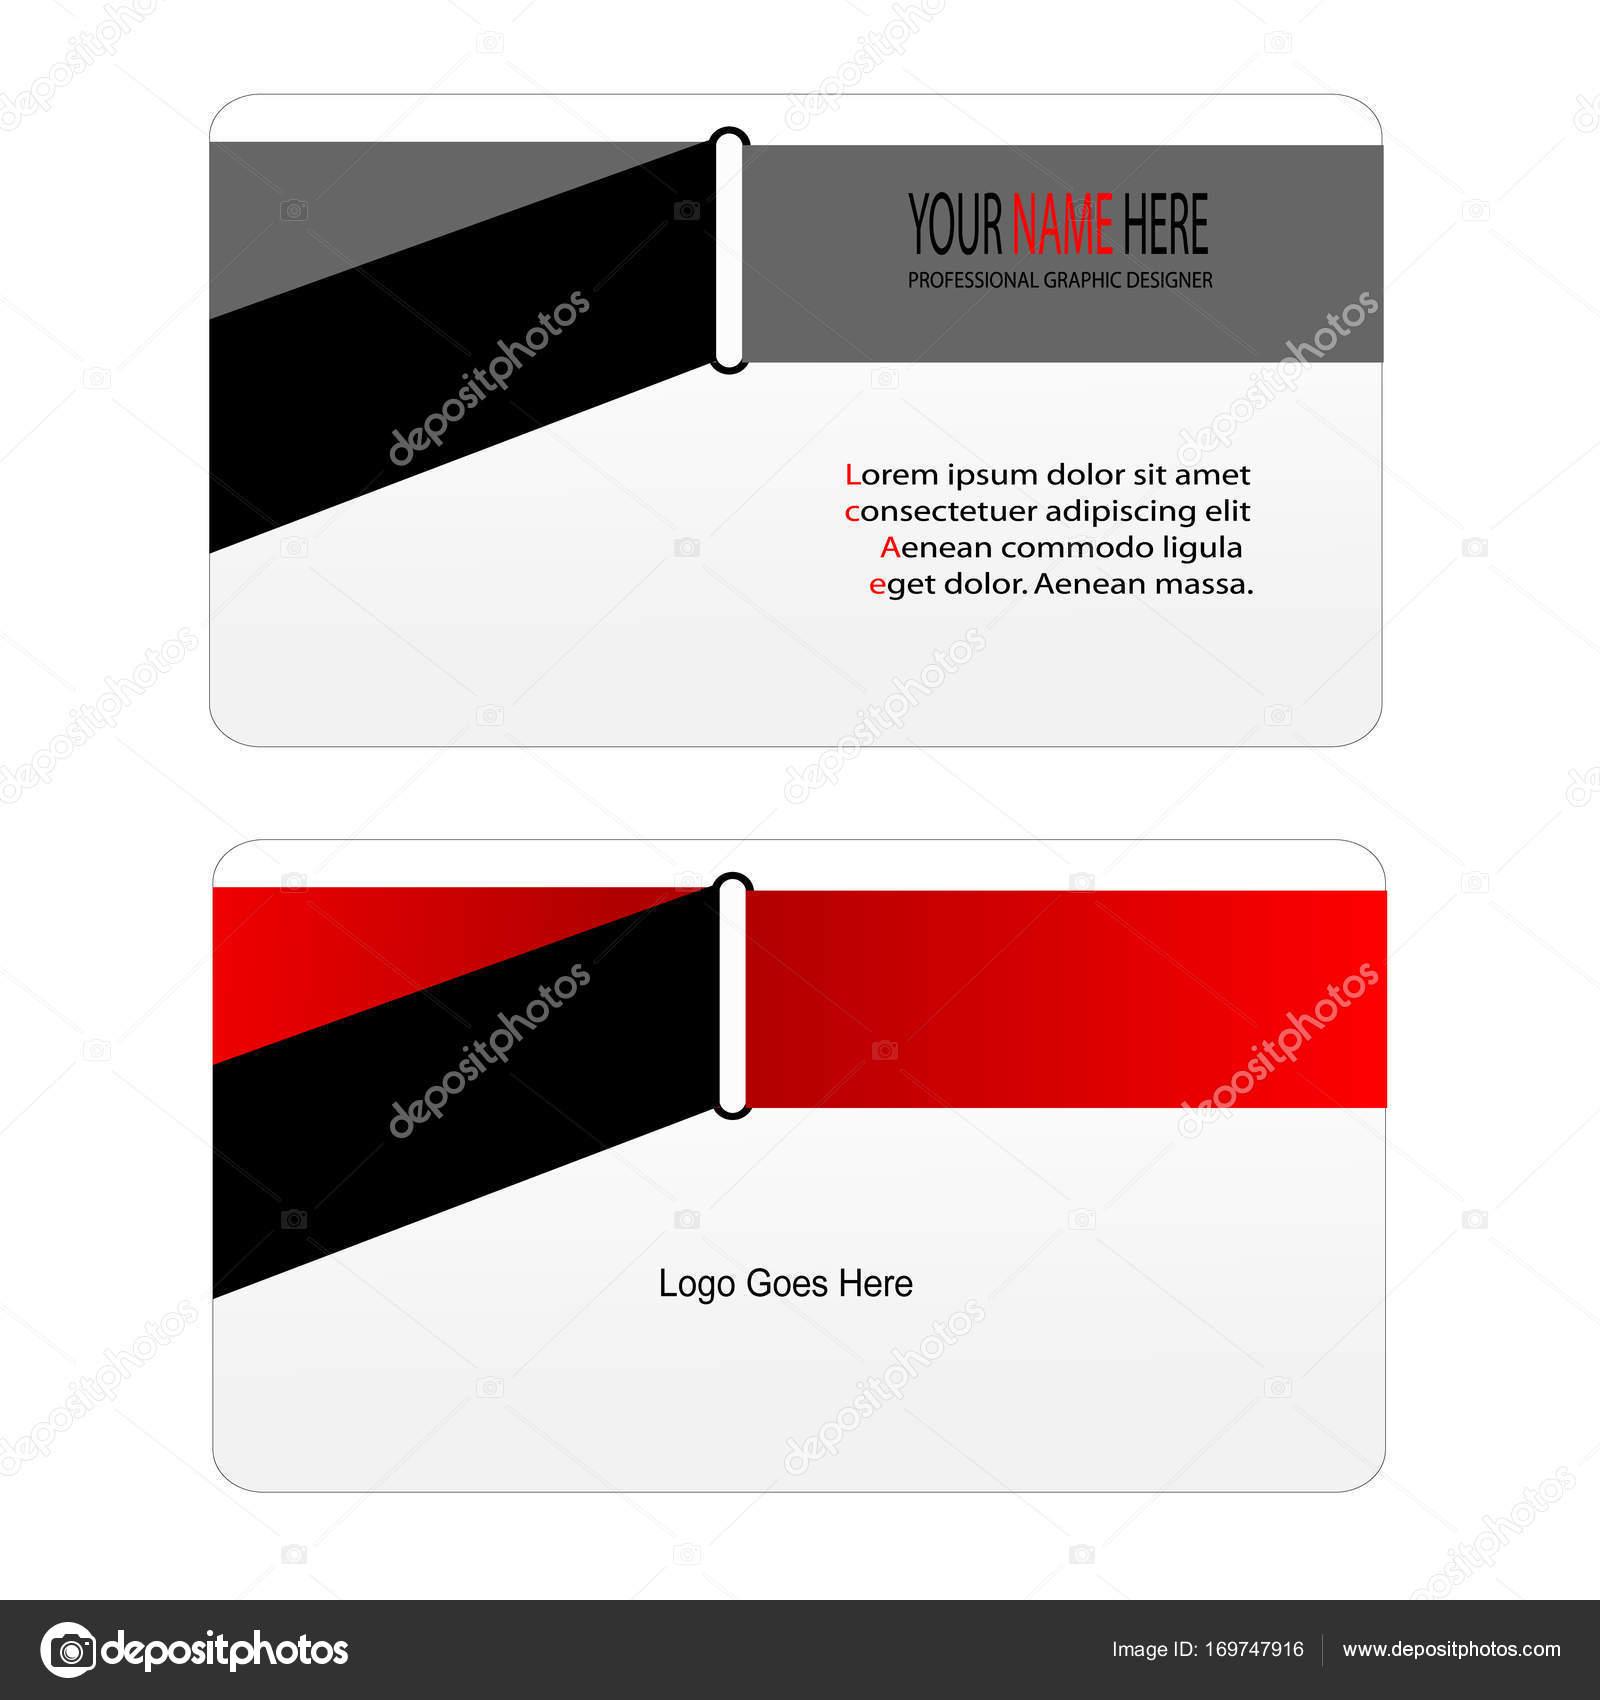 Carte De Visite Cool Decor Rouge Et Argent Manque Style Illustration Vectorielle Vecteur Par Mralviqgmail